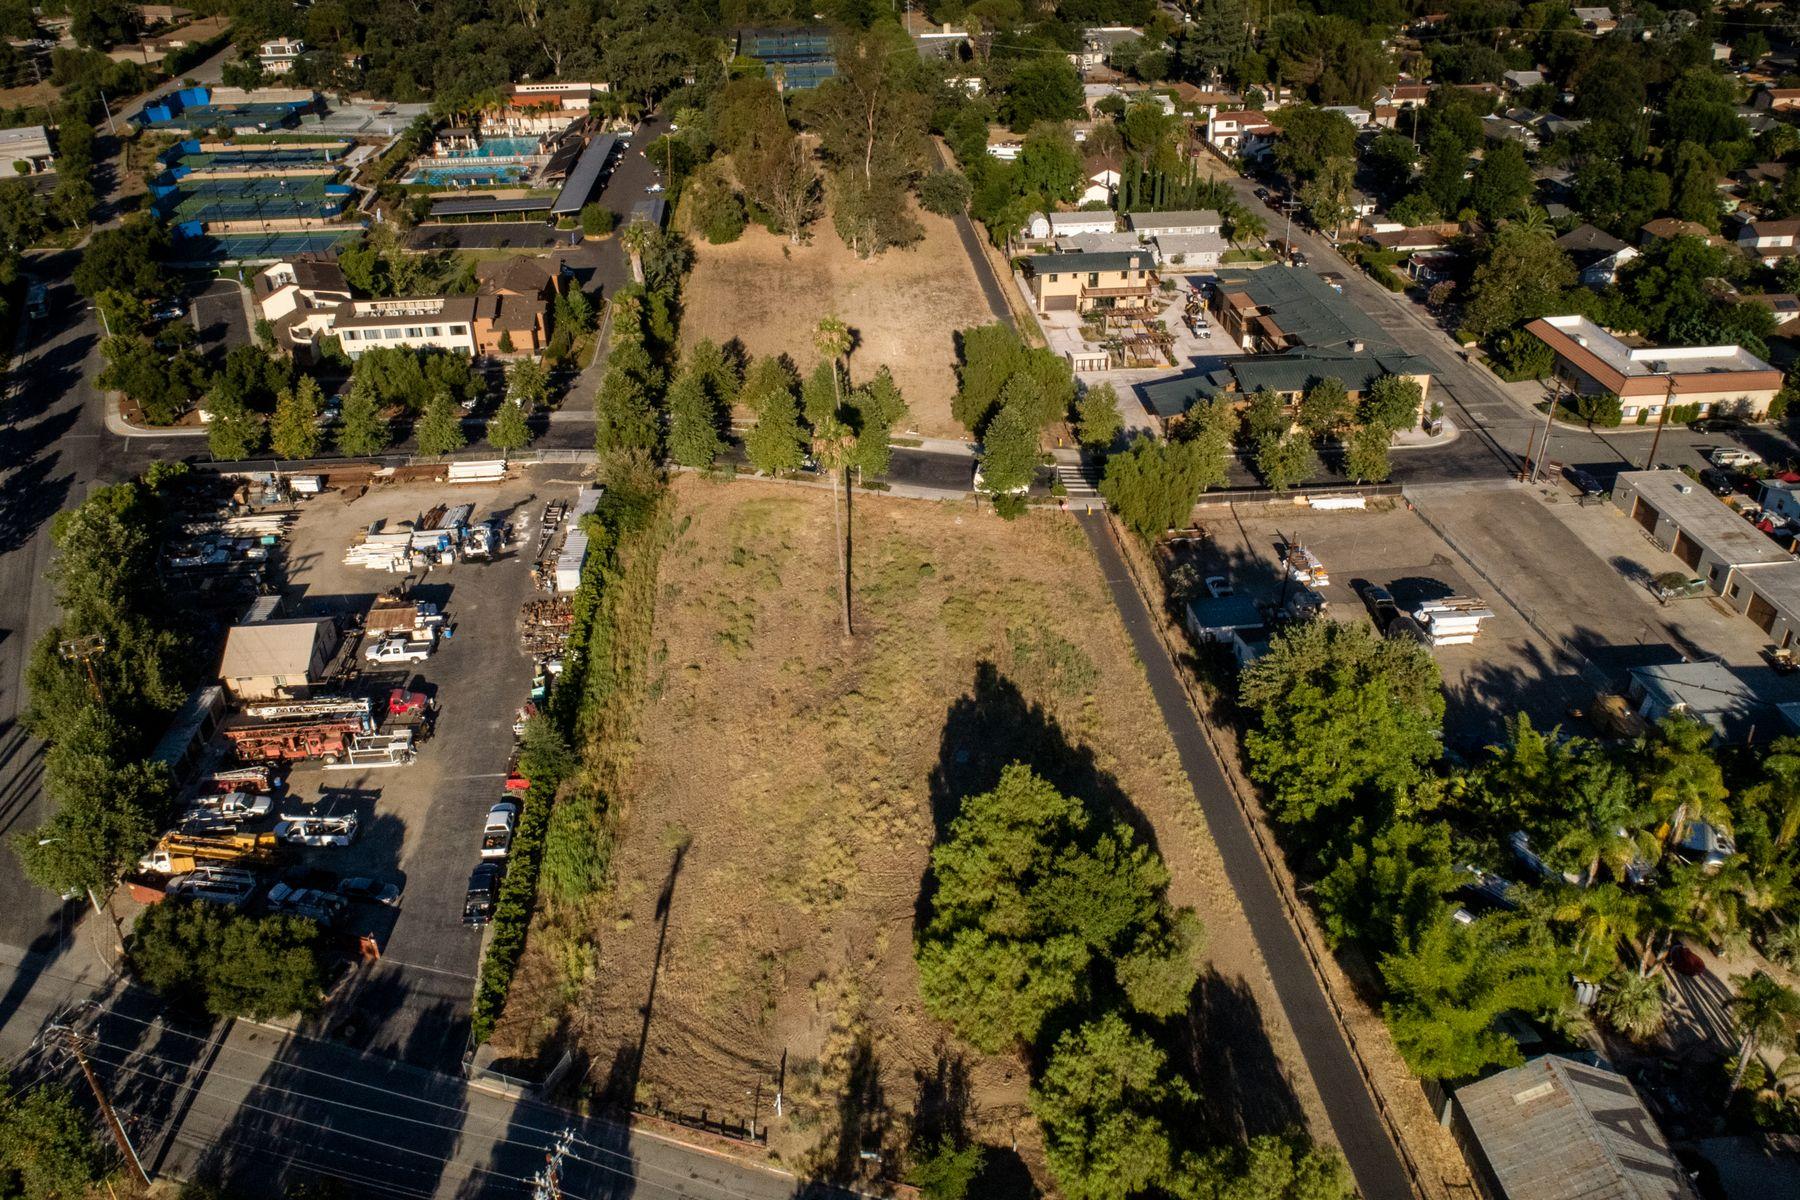 Terreno por un Venta en Rare Development Opportunity 000 Bryant Street Ojai, California 93023 Estados Unidos